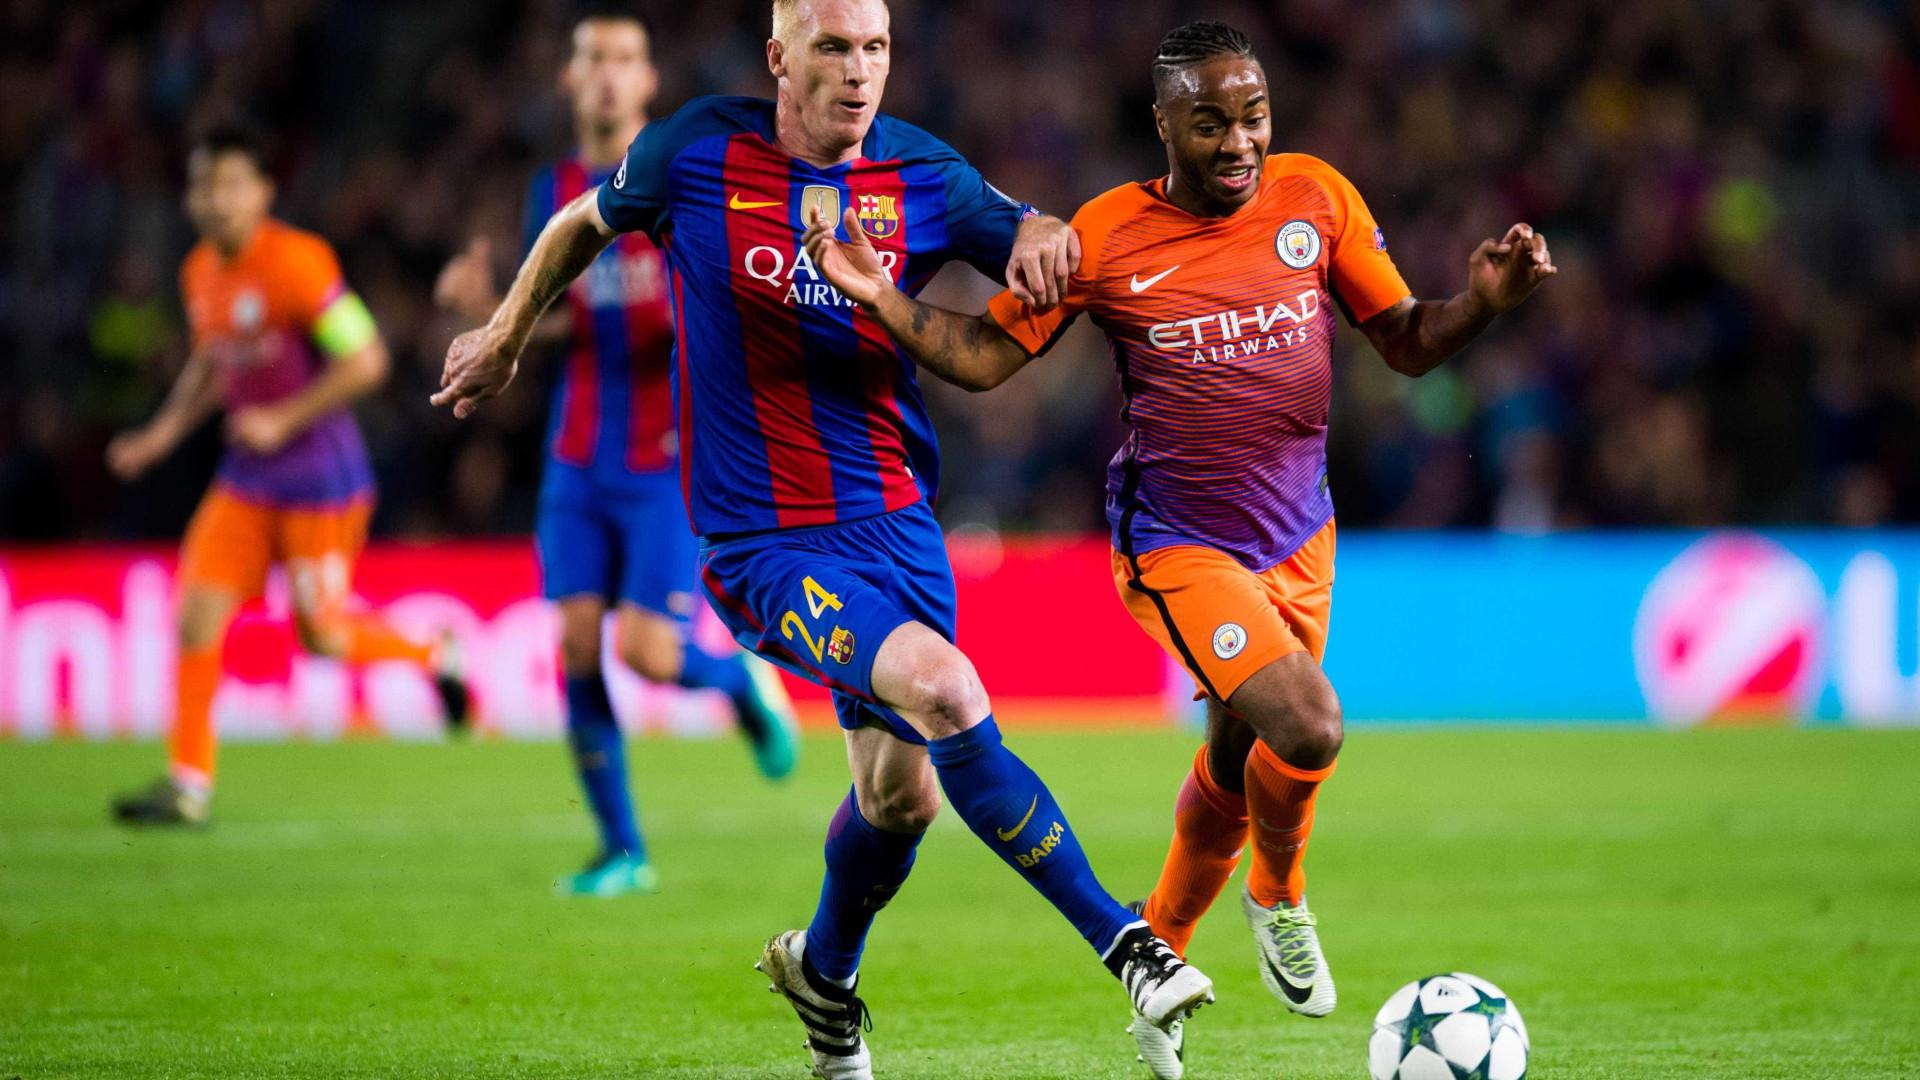 Mathieu muito perto de assinar pelo Sporting